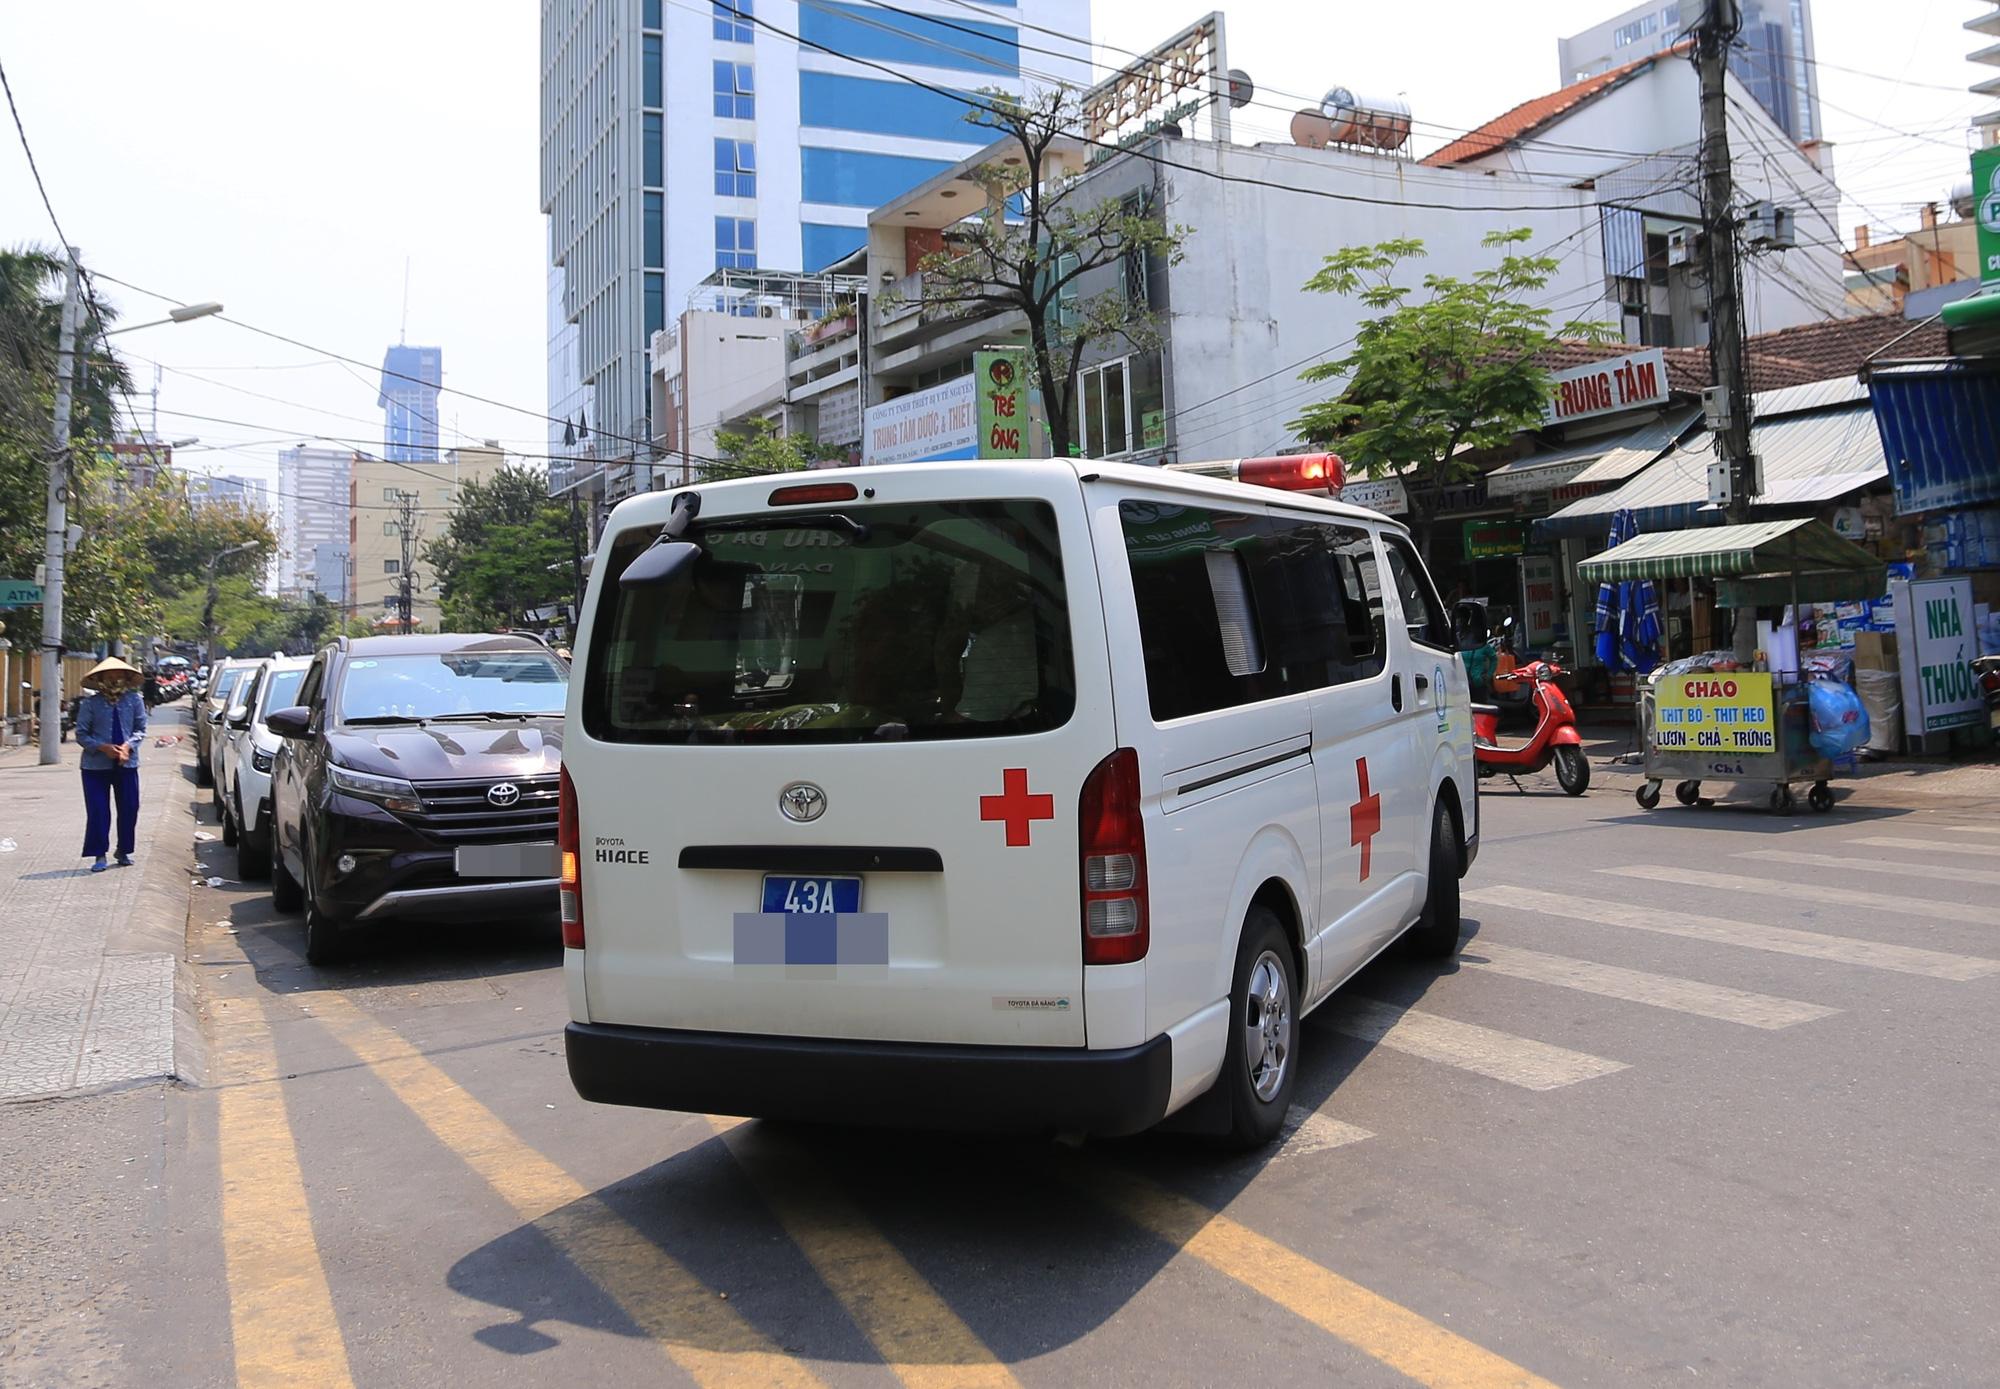 Đi cấp cứu, nữ nhân viên y tế bị người nhà bệnh nhân đánh phải... cấp cứu - Ảnh 1.